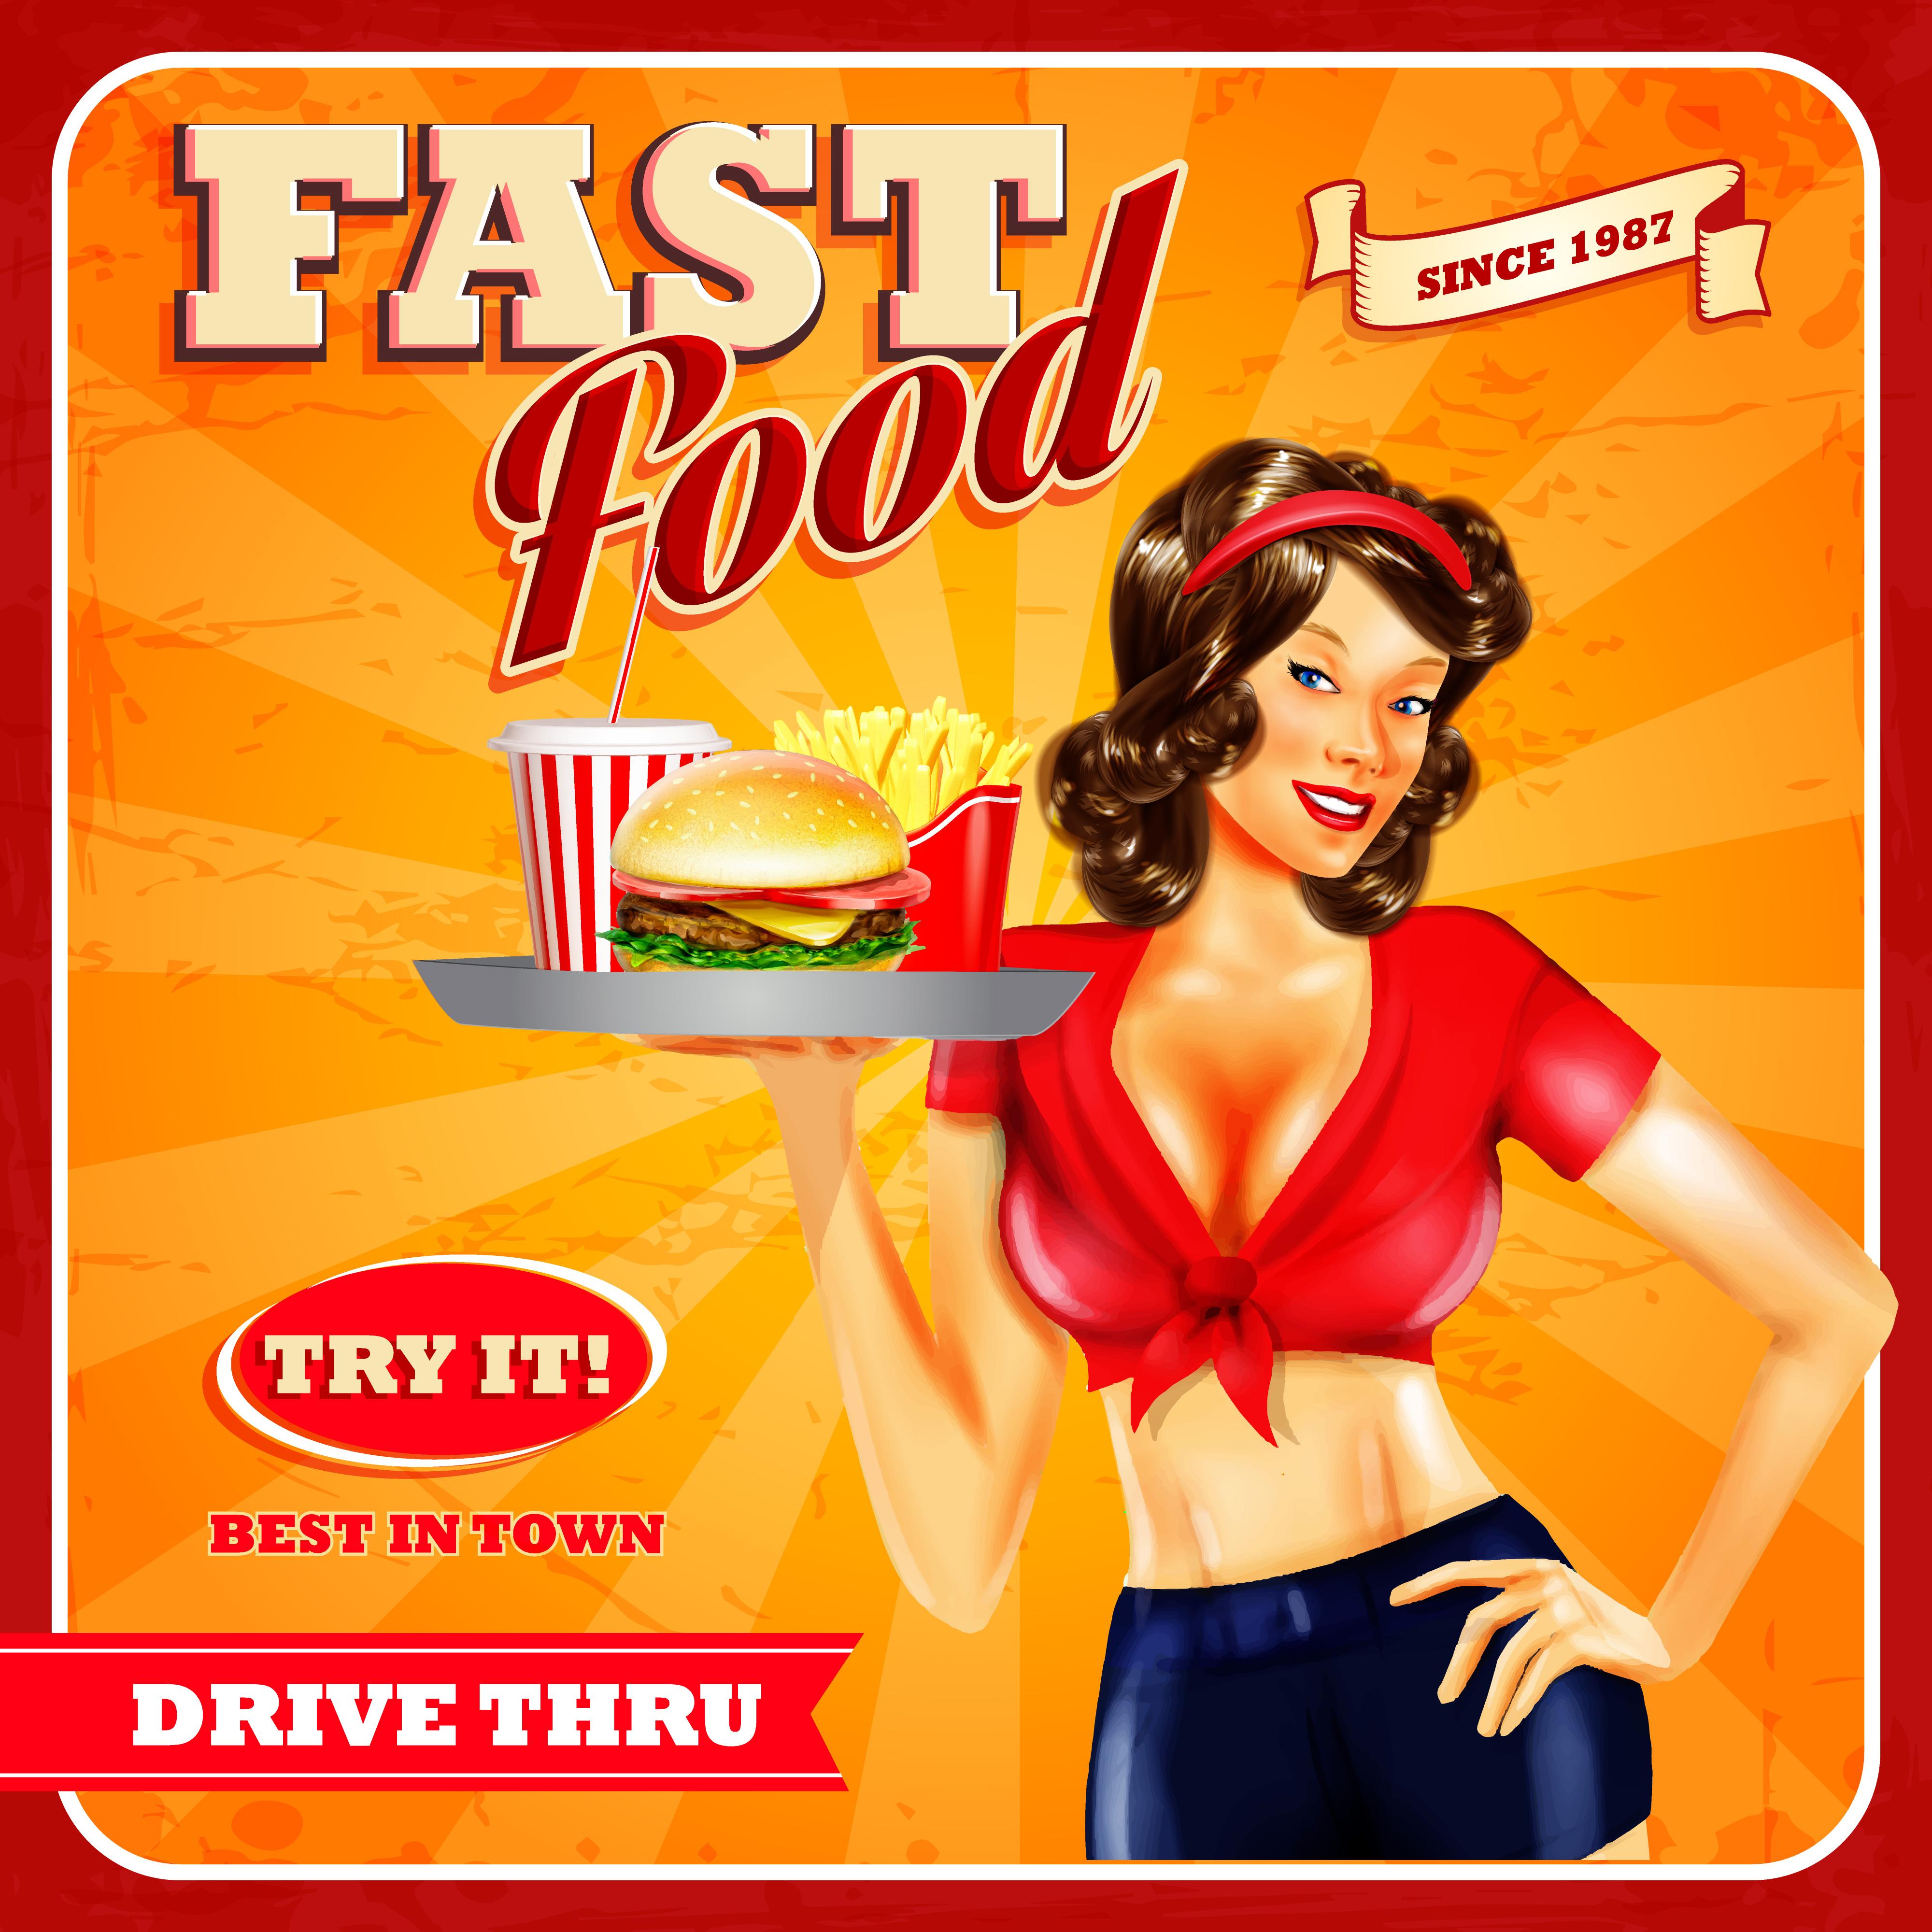 Fast Food Restaurants St George Utah